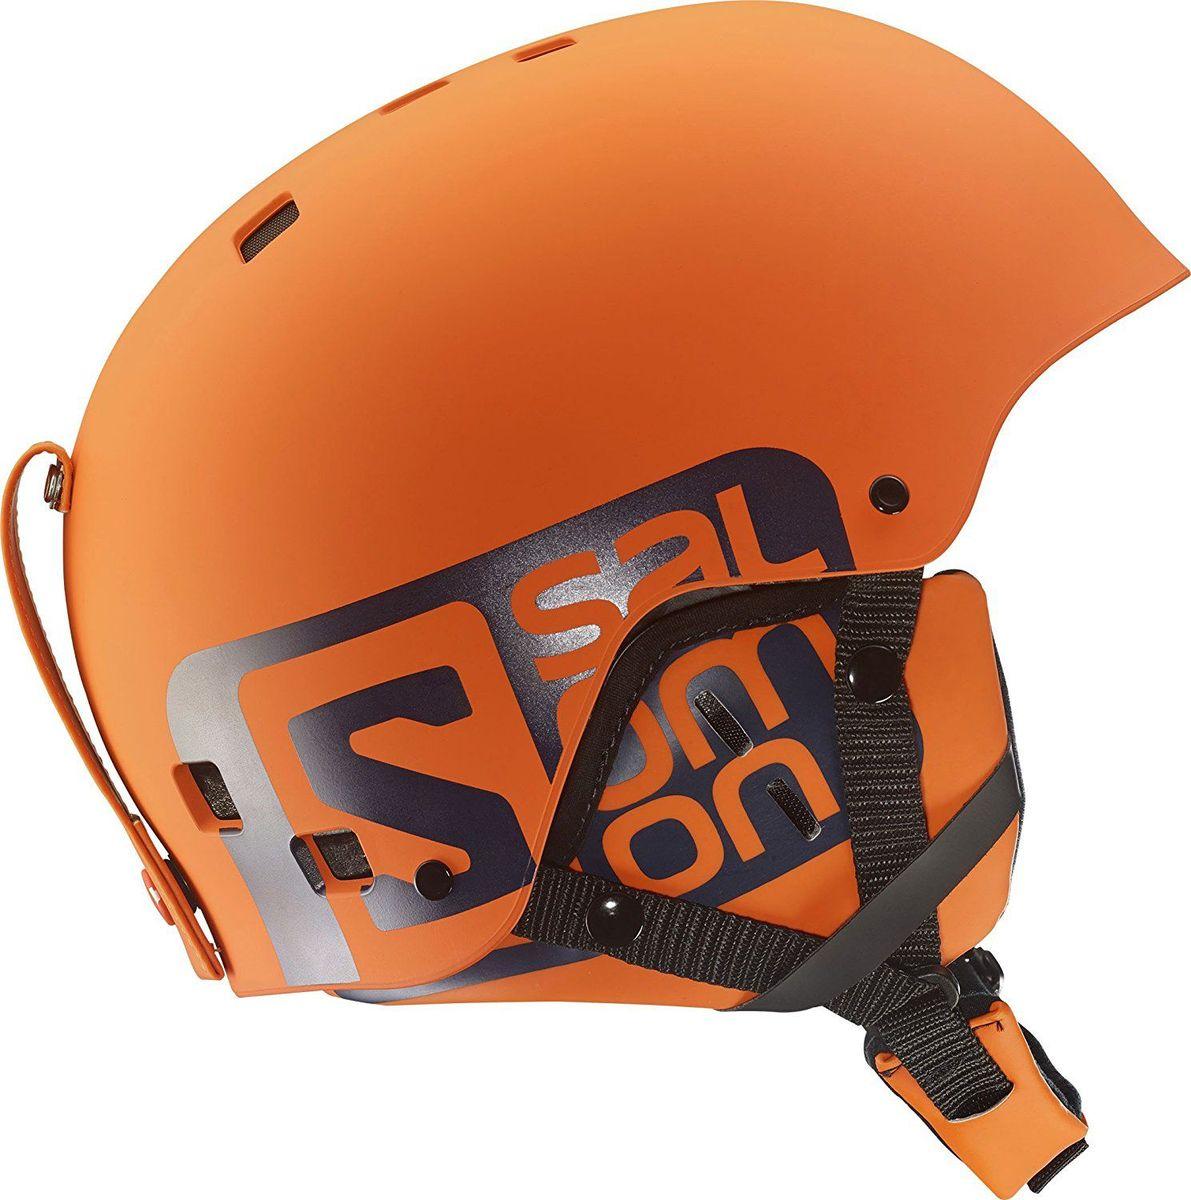 Шлем зимний Salomon Helmet Brigade Orange Matt. Размер XL (59/60)L37776300Крутой стиль, долговечность и универсальность – подкладку можно заменить шапочкой.